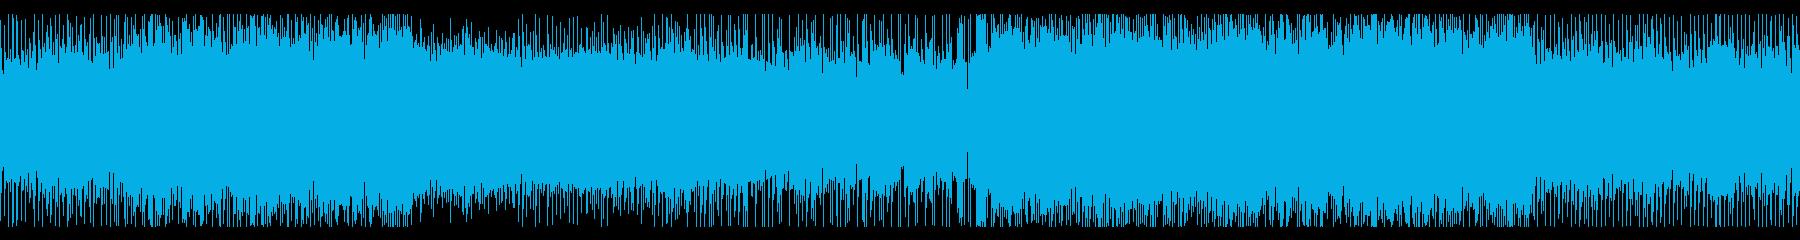 ゲーム・ダンジョン用/廃工場の再生済みの波形